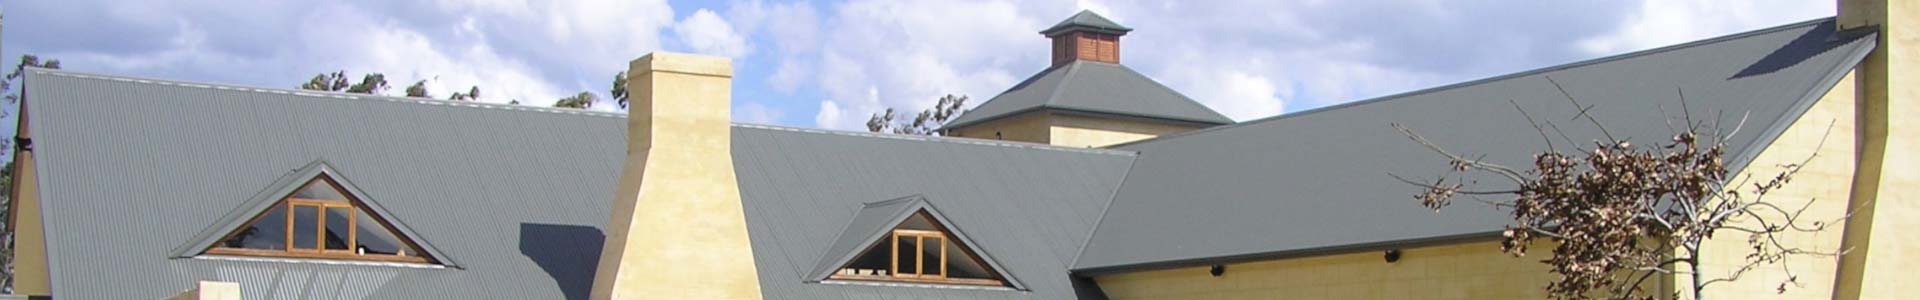 Southern Highlands Restaurant Build